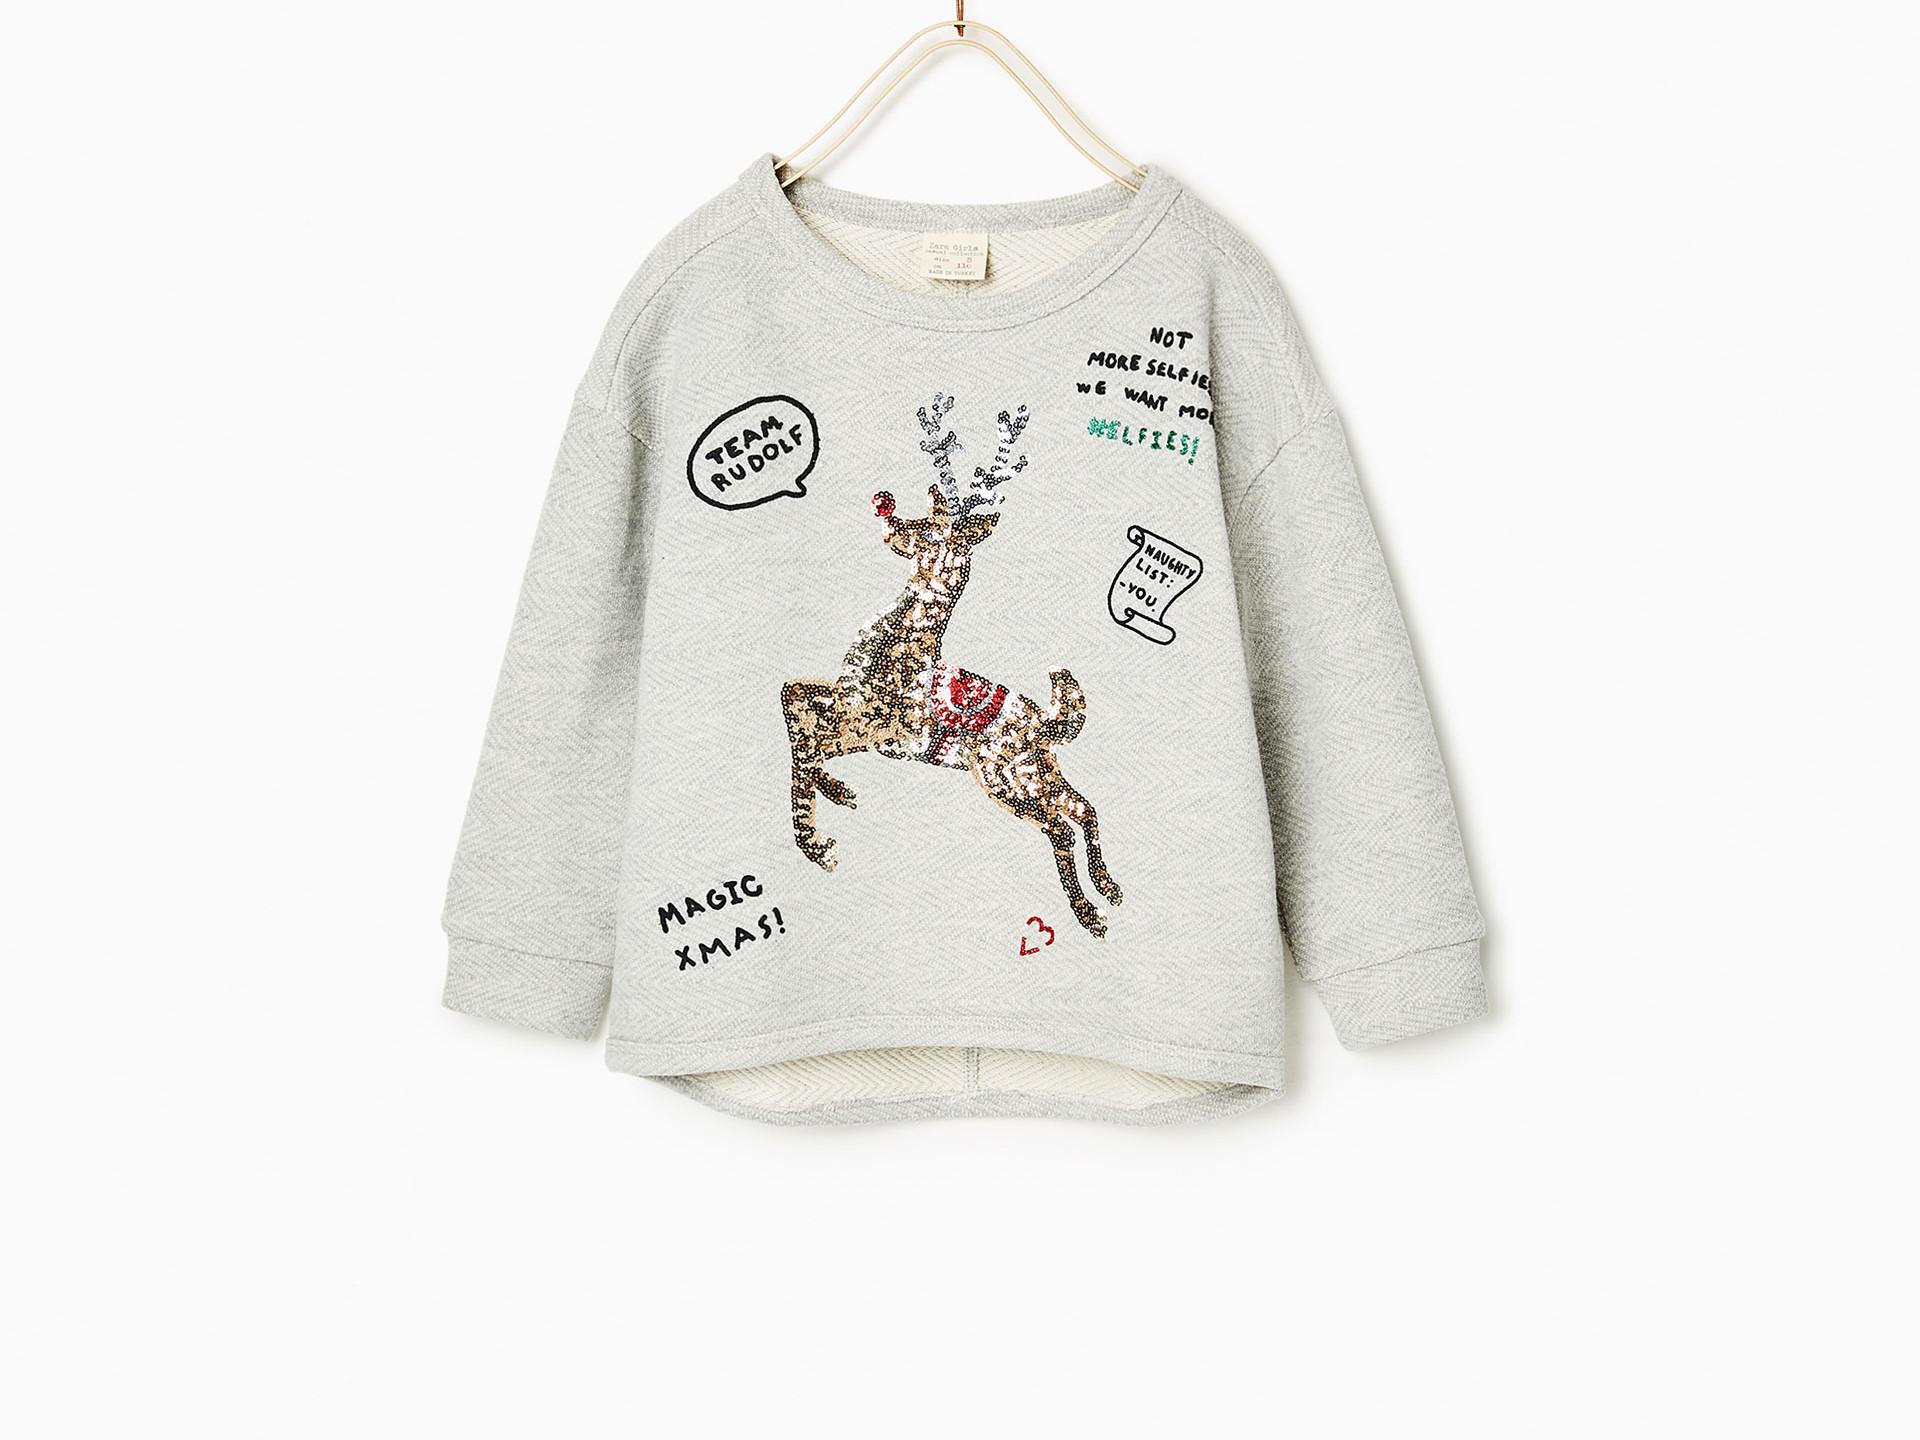 Zara £14.99